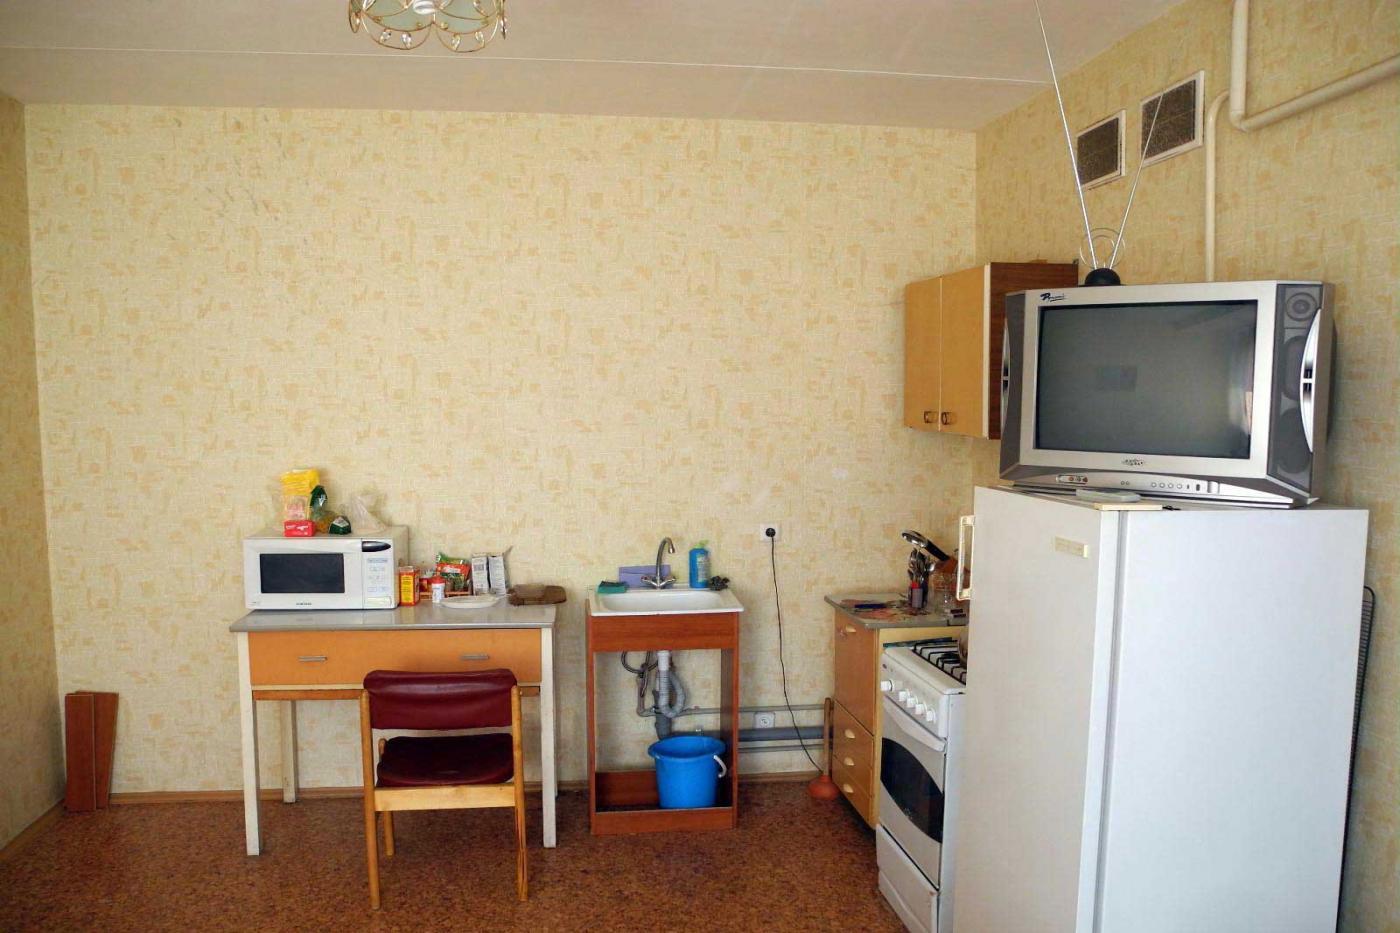 1-комнатная квартира посуточно (вариант № 3873), ул. Никитинская улица, фото № 9